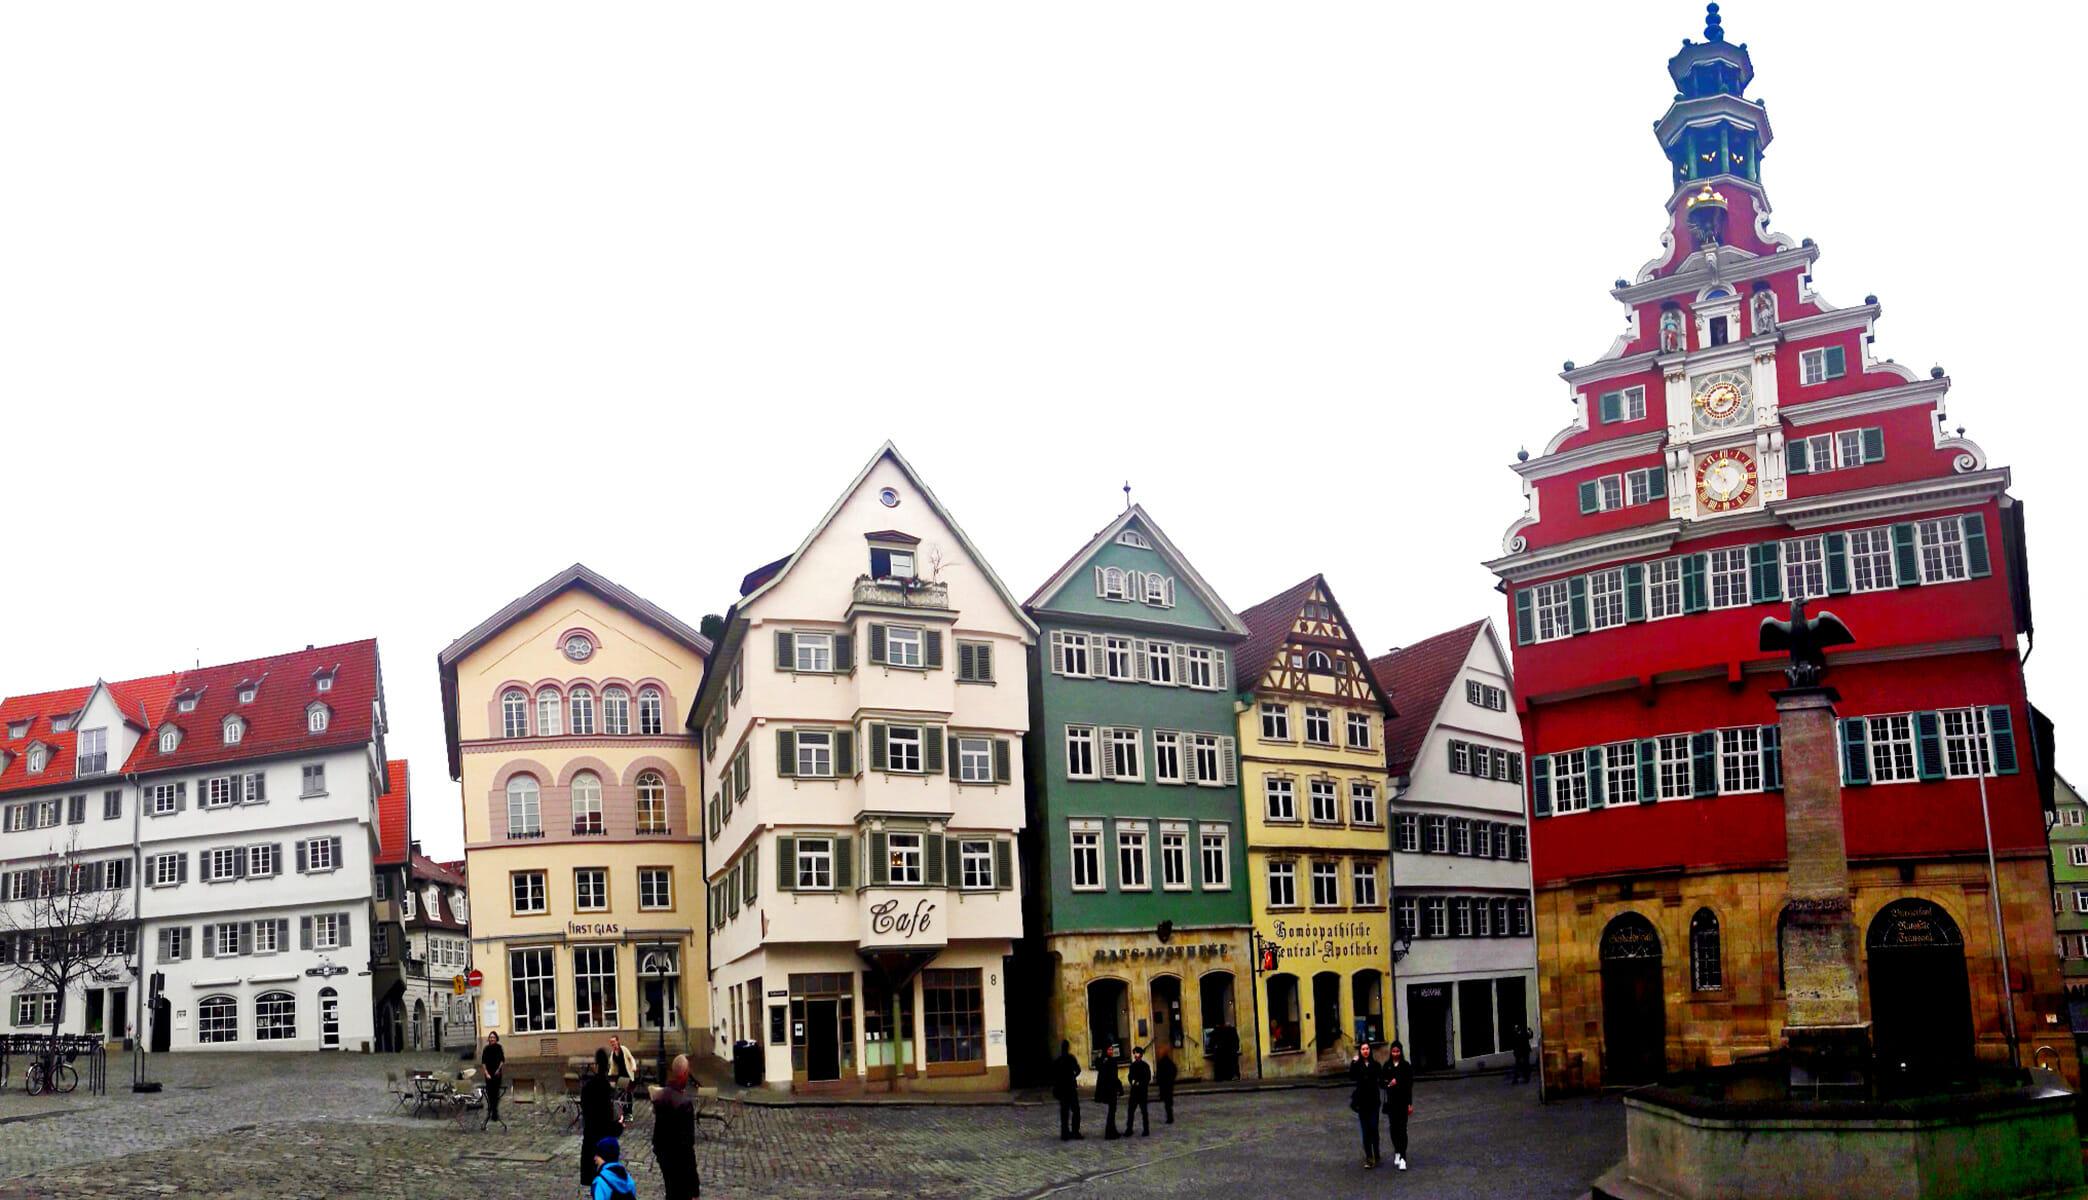 Panorámica fachadas viviendas barrocas plaza ayuntamiento Esslingen Am Neckar Alemania